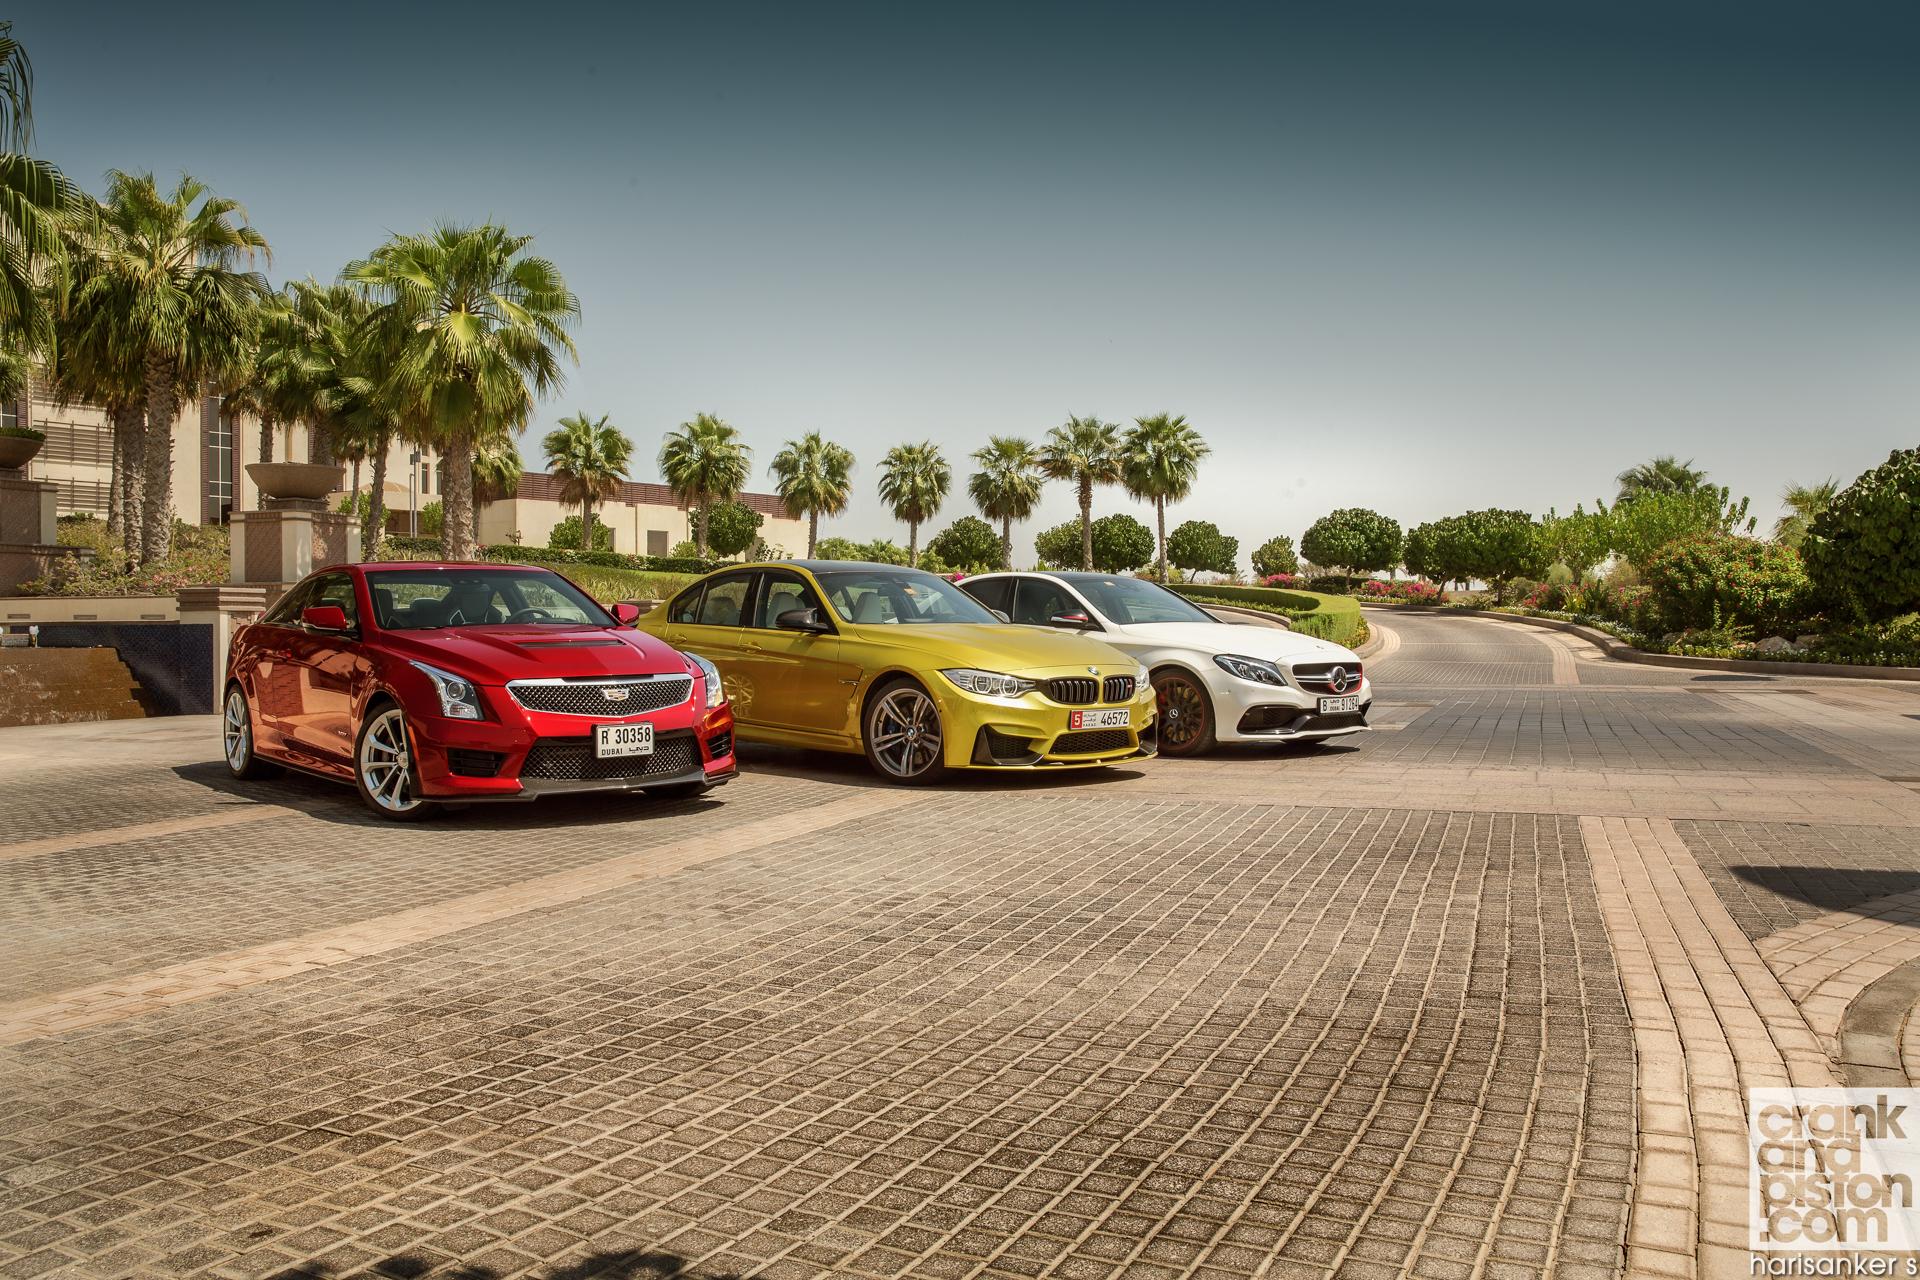 Cadillac-ATS-V-vs-BMW-M3-vs-Mercedes-AMG-C-63-S-2